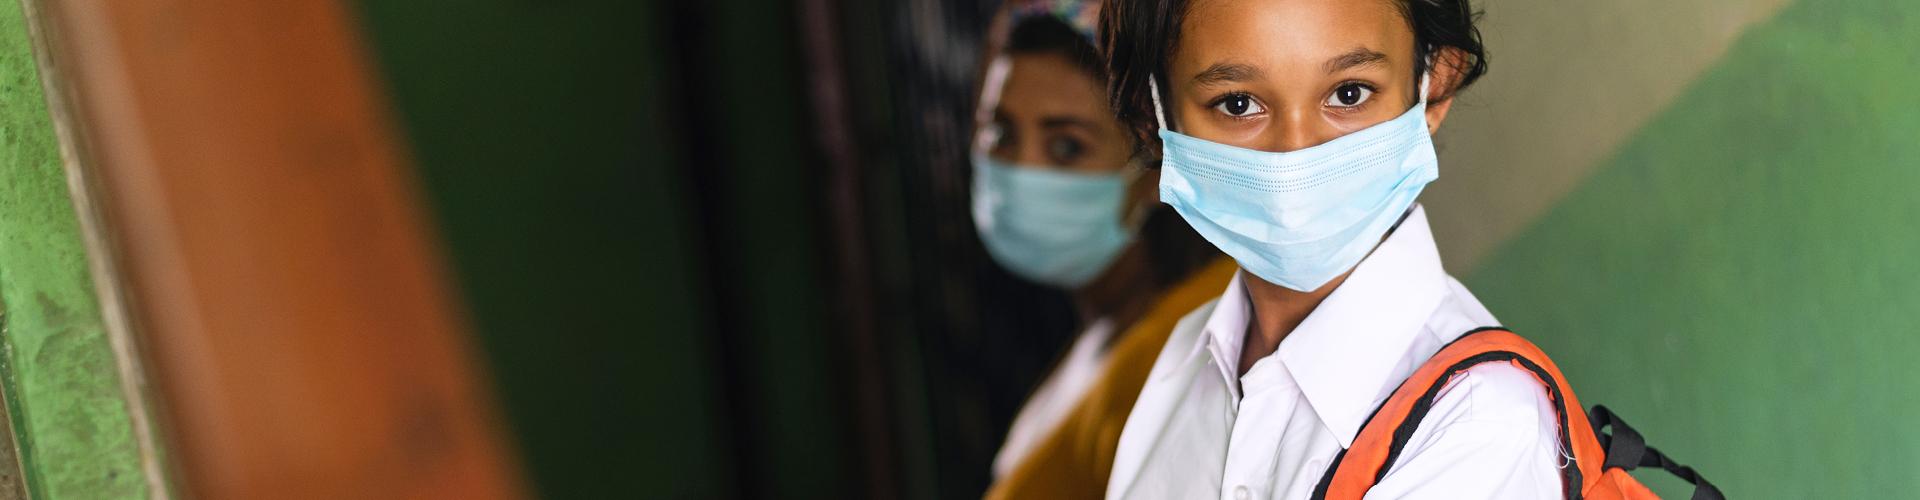 Indian girl wearing medical mask